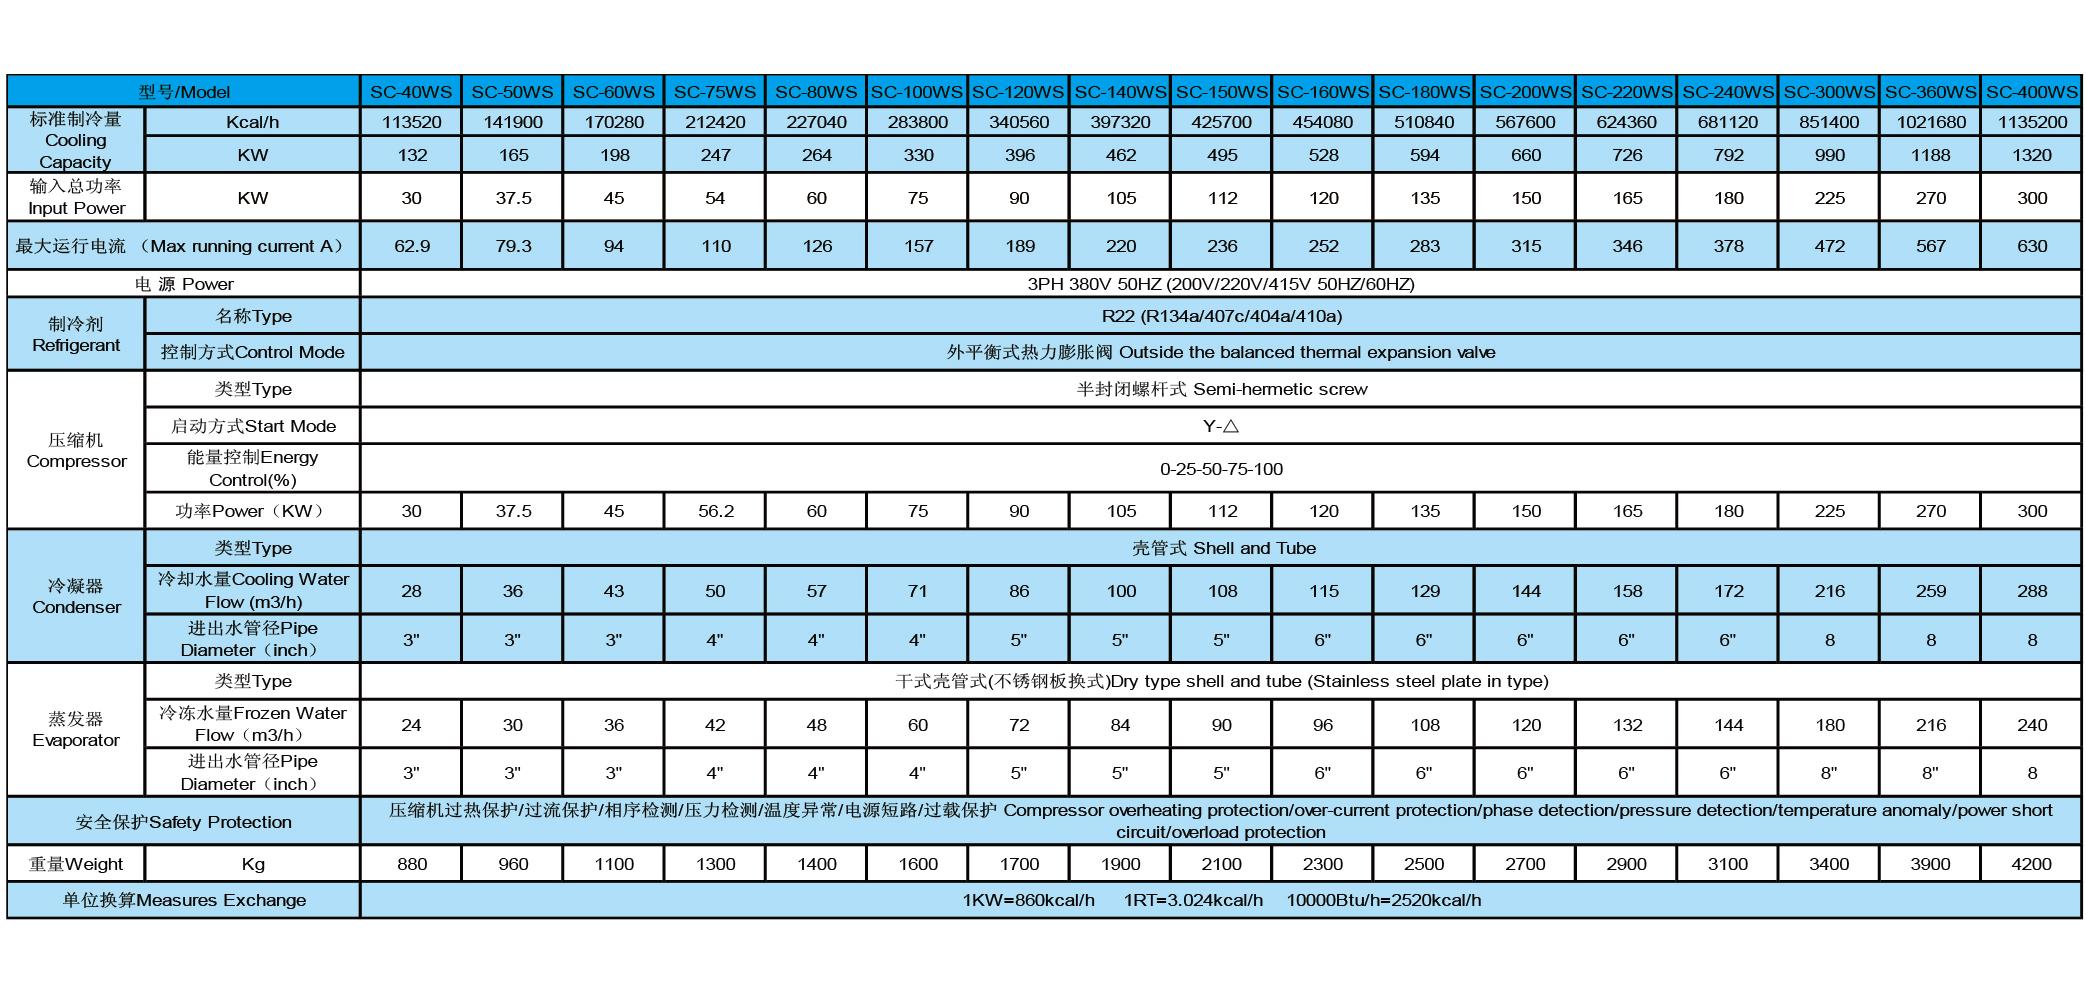 水冷螺杆式冷水机组参数表